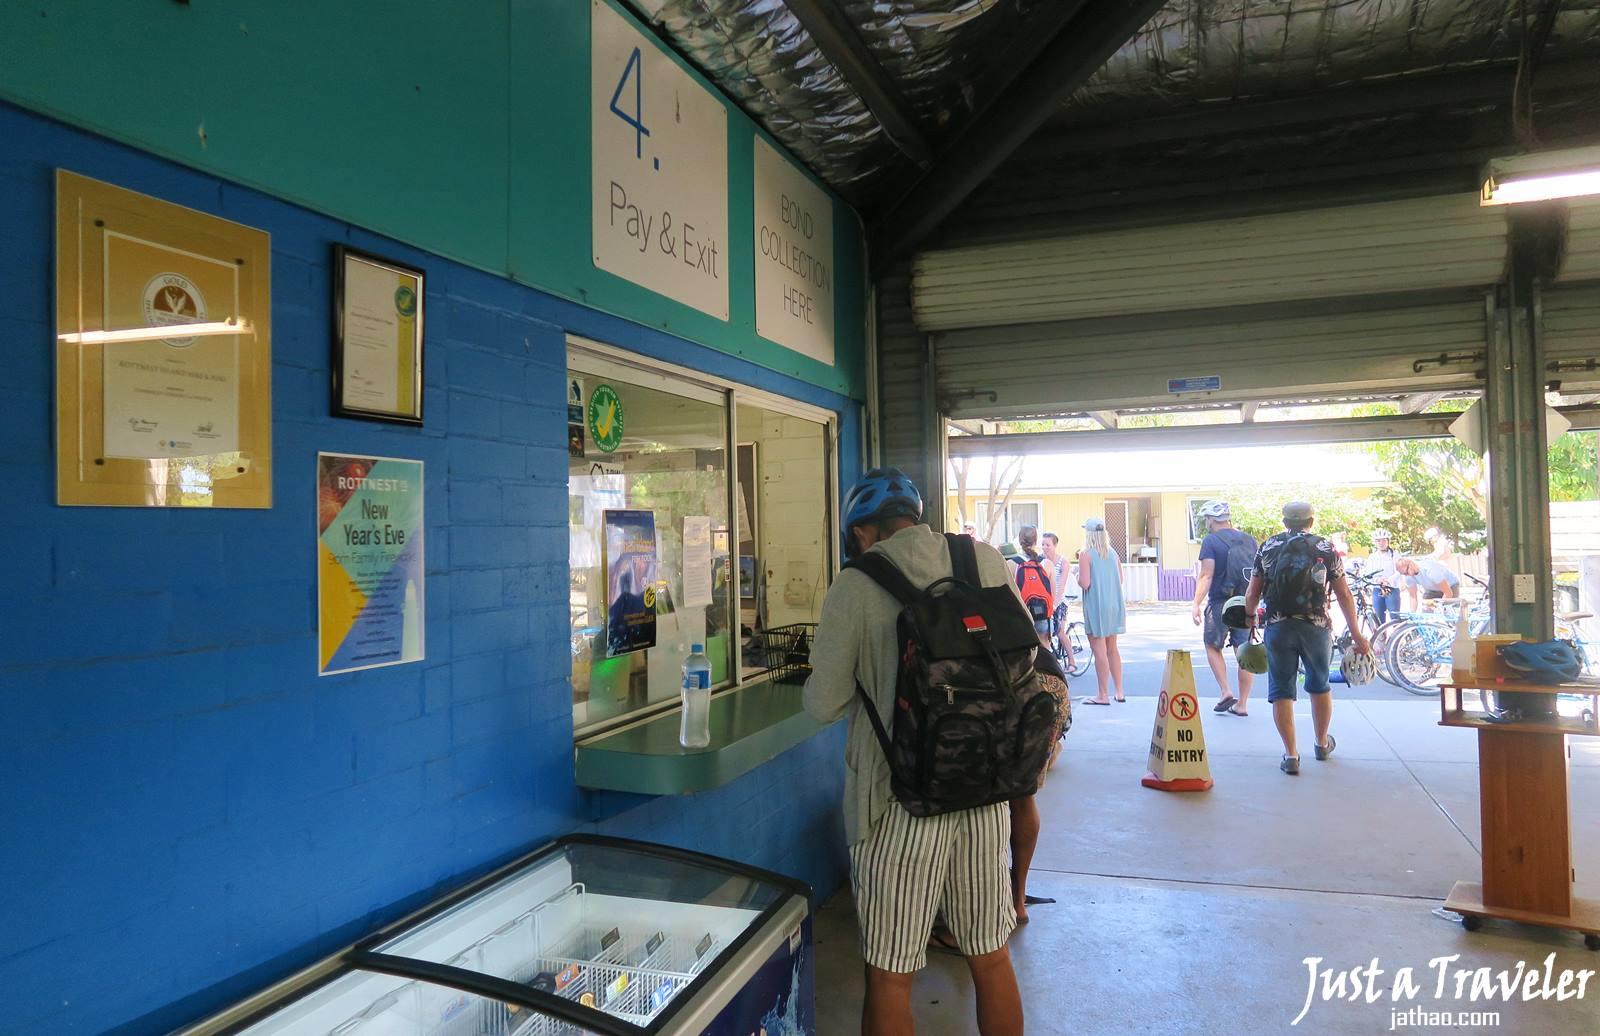 澳洲-西澳-伯斯-景點-羅特尼斯島-Rottnest Island-腳踏車-自行車-推薦-自由行-交通-旅遊-遊記-攻略-行程-一日遊-二日遊-必玩-必遊-Perth